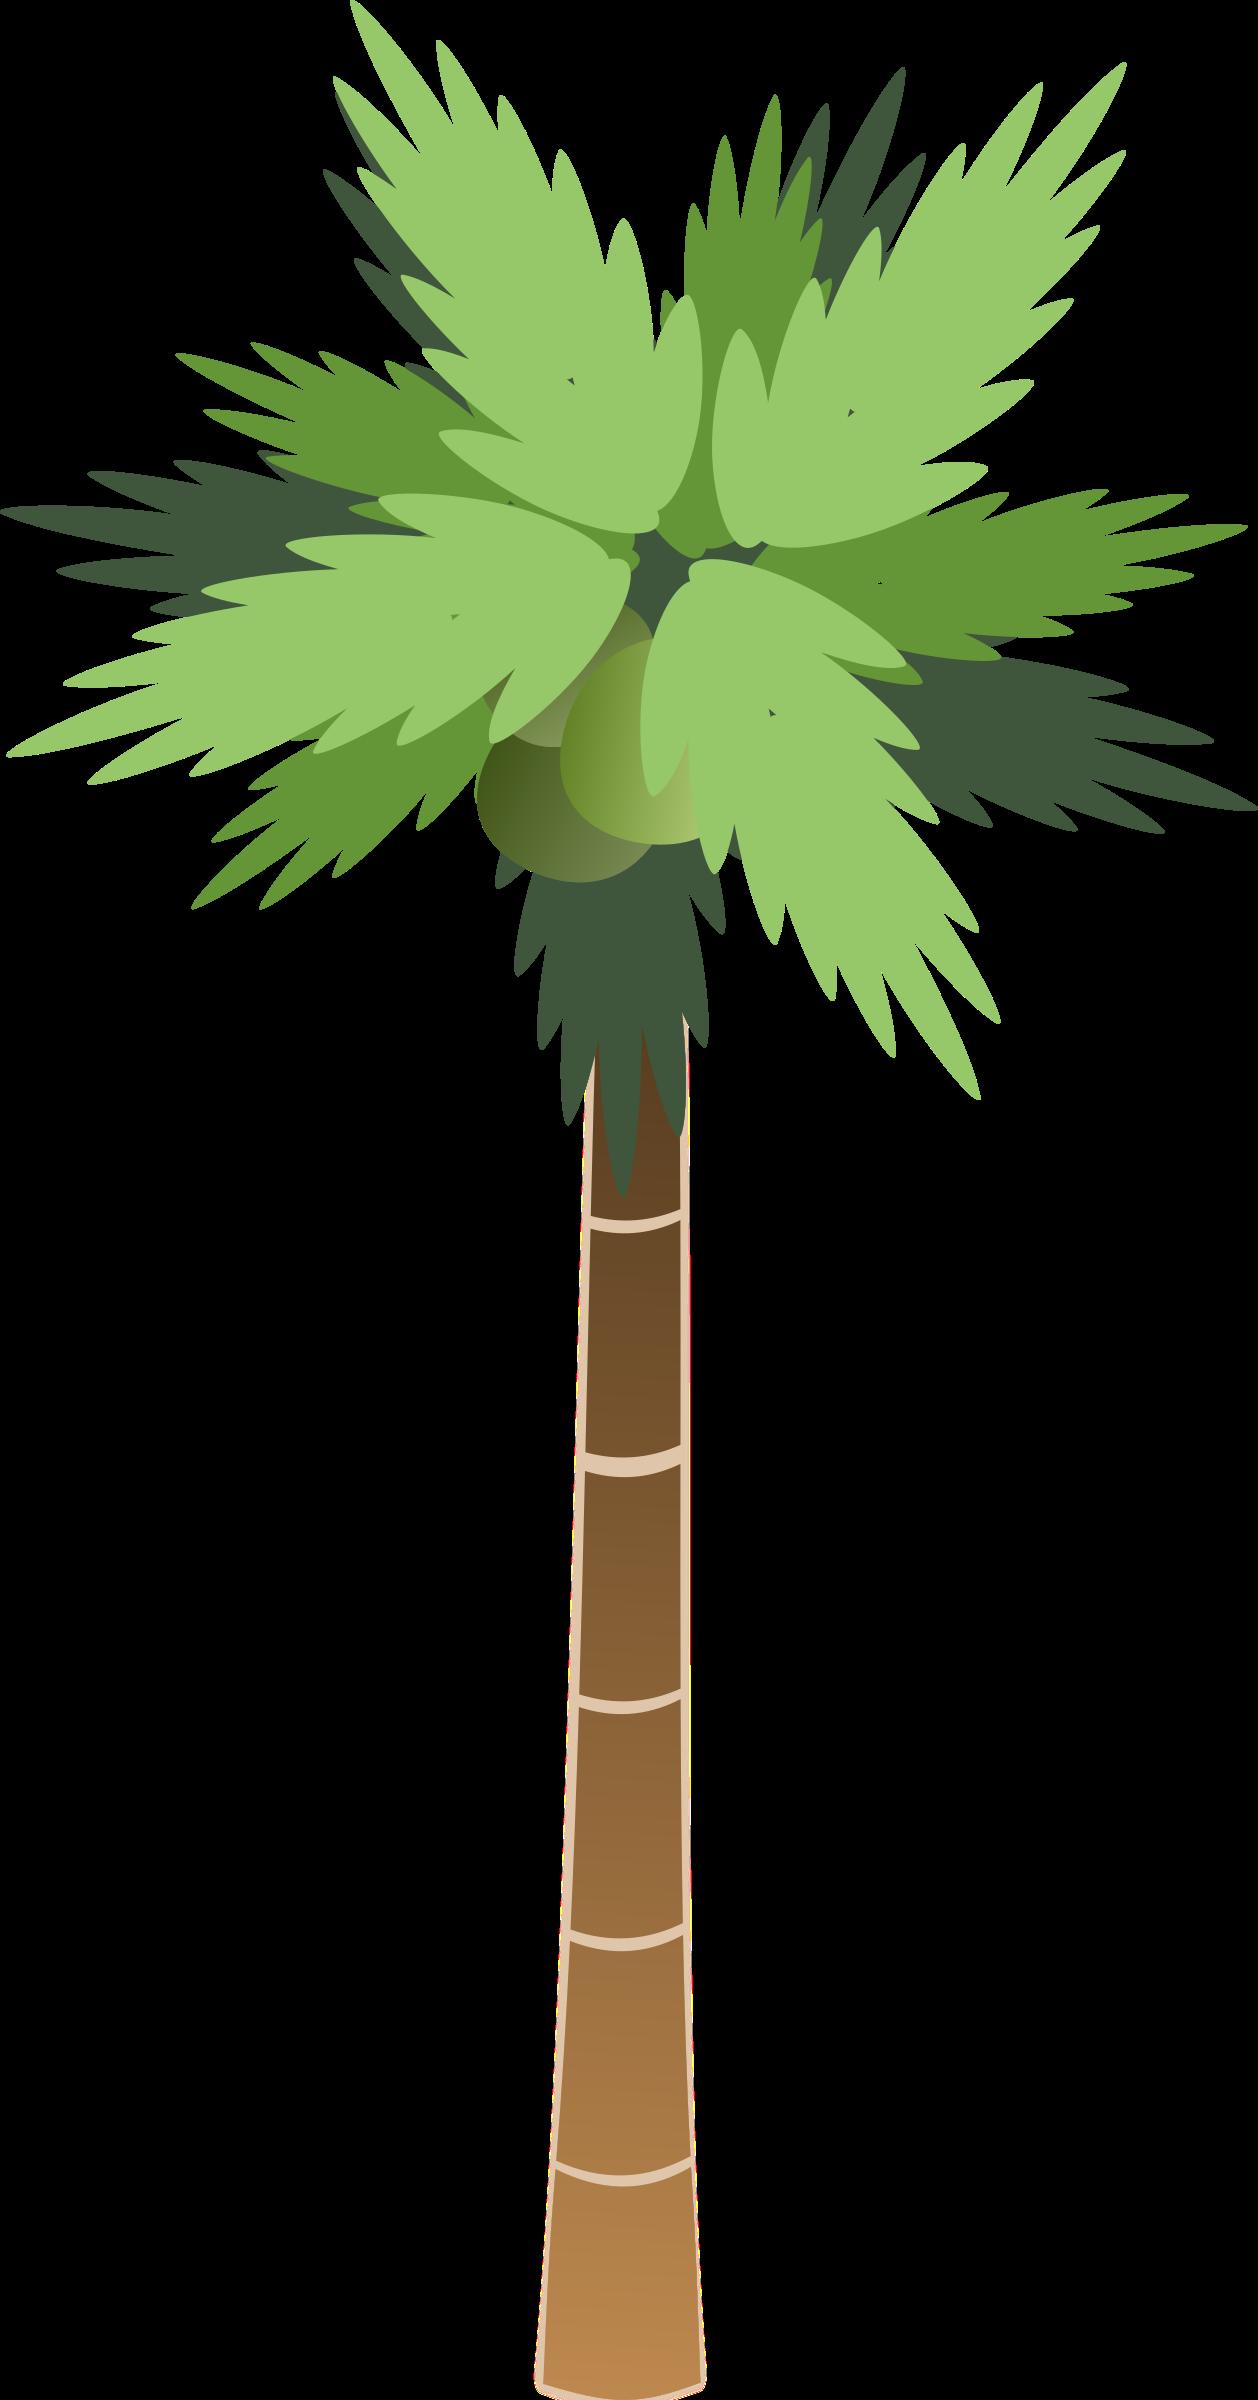 . Desert clipart palm tree desert